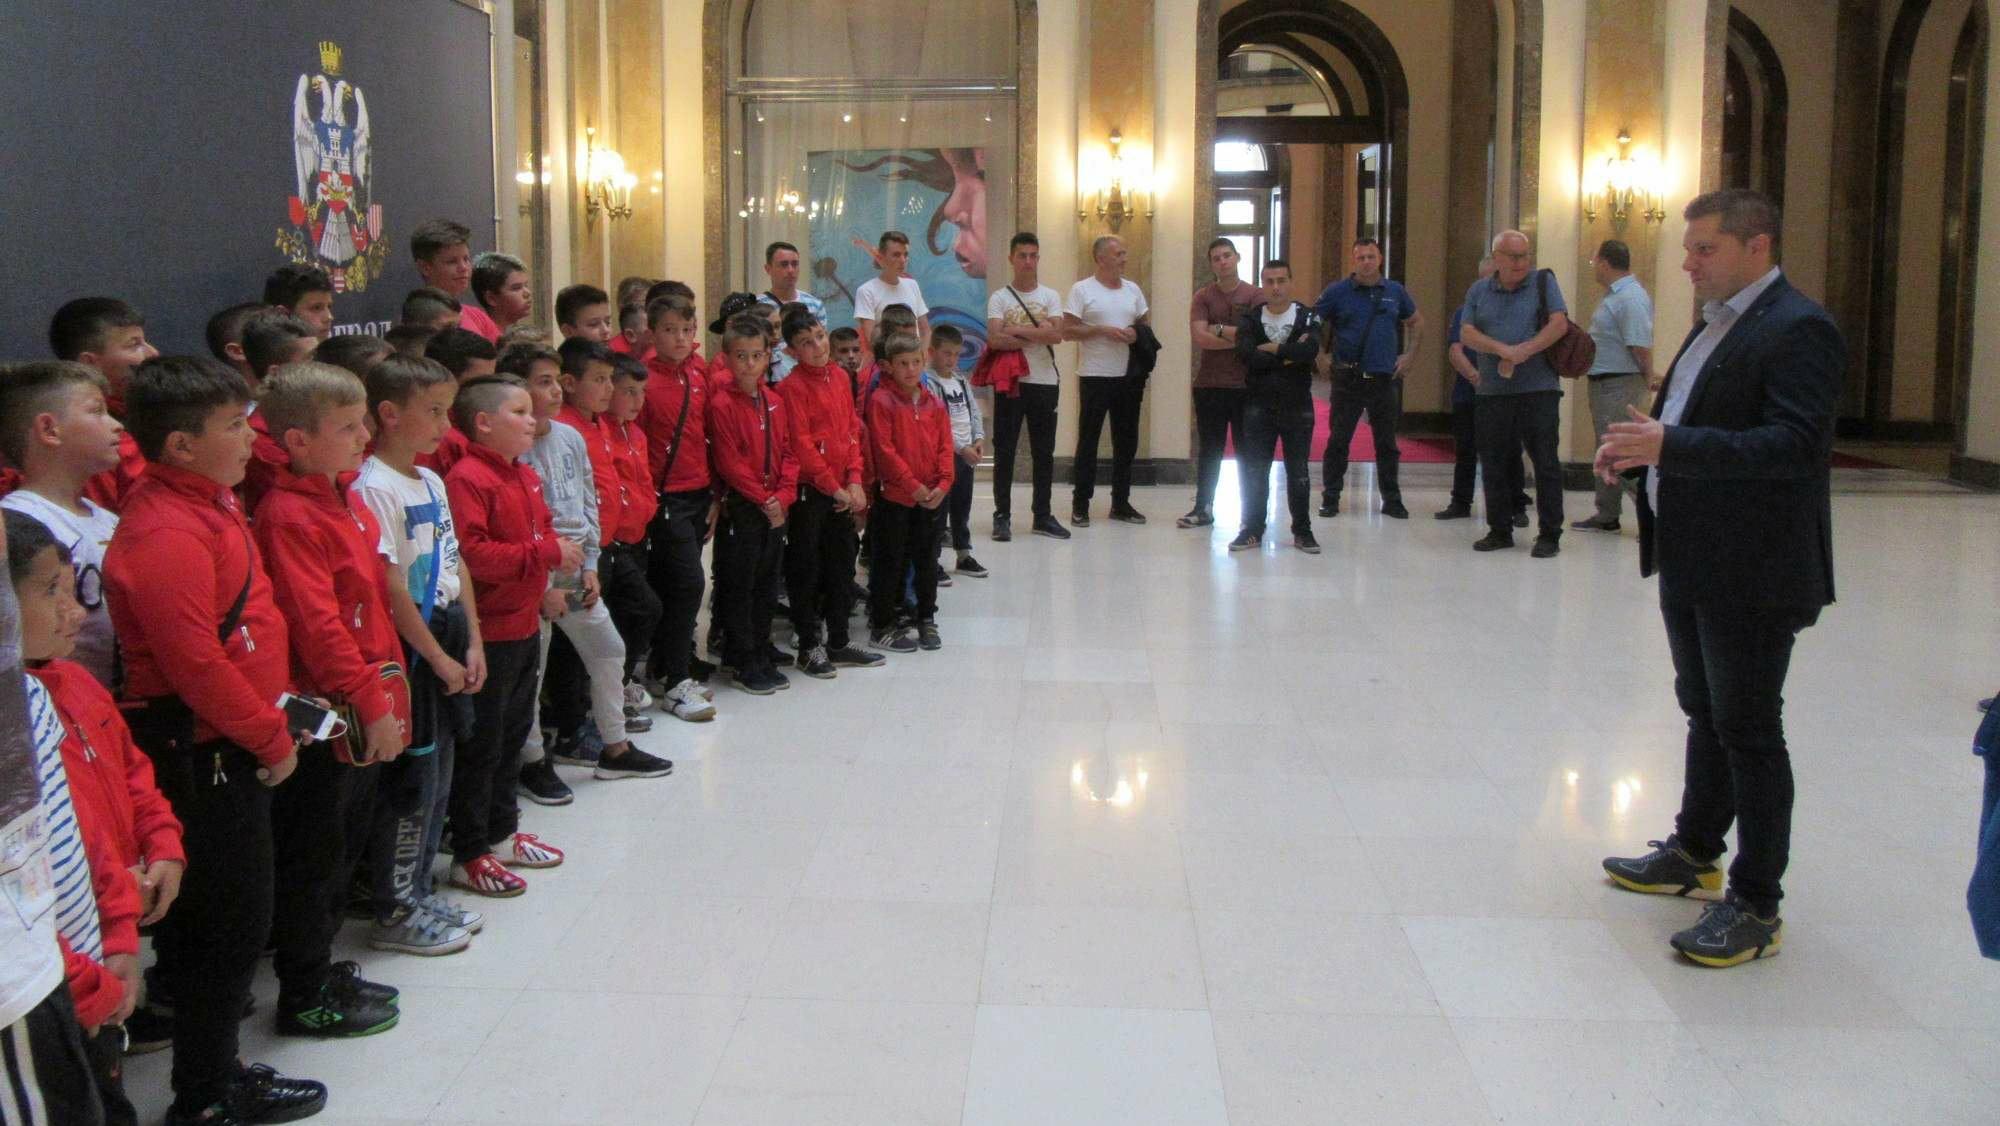 Deca sa Kosova i Metohije u Starom dvoru